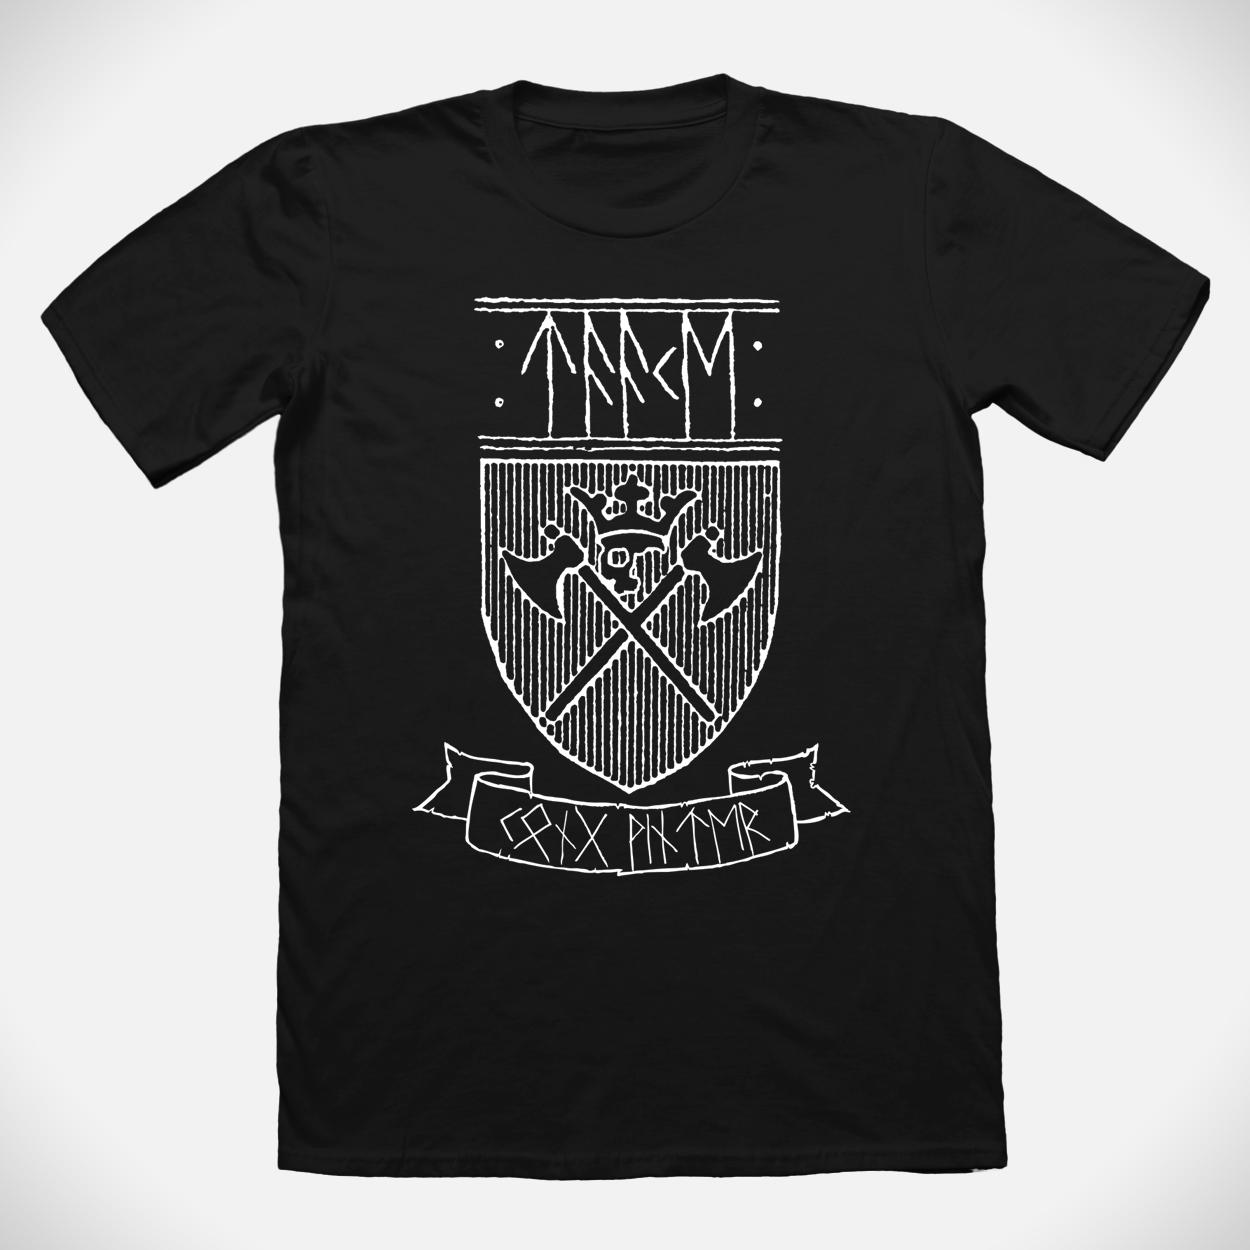 Taake shield t-shirt (Kong Vinter Edition)